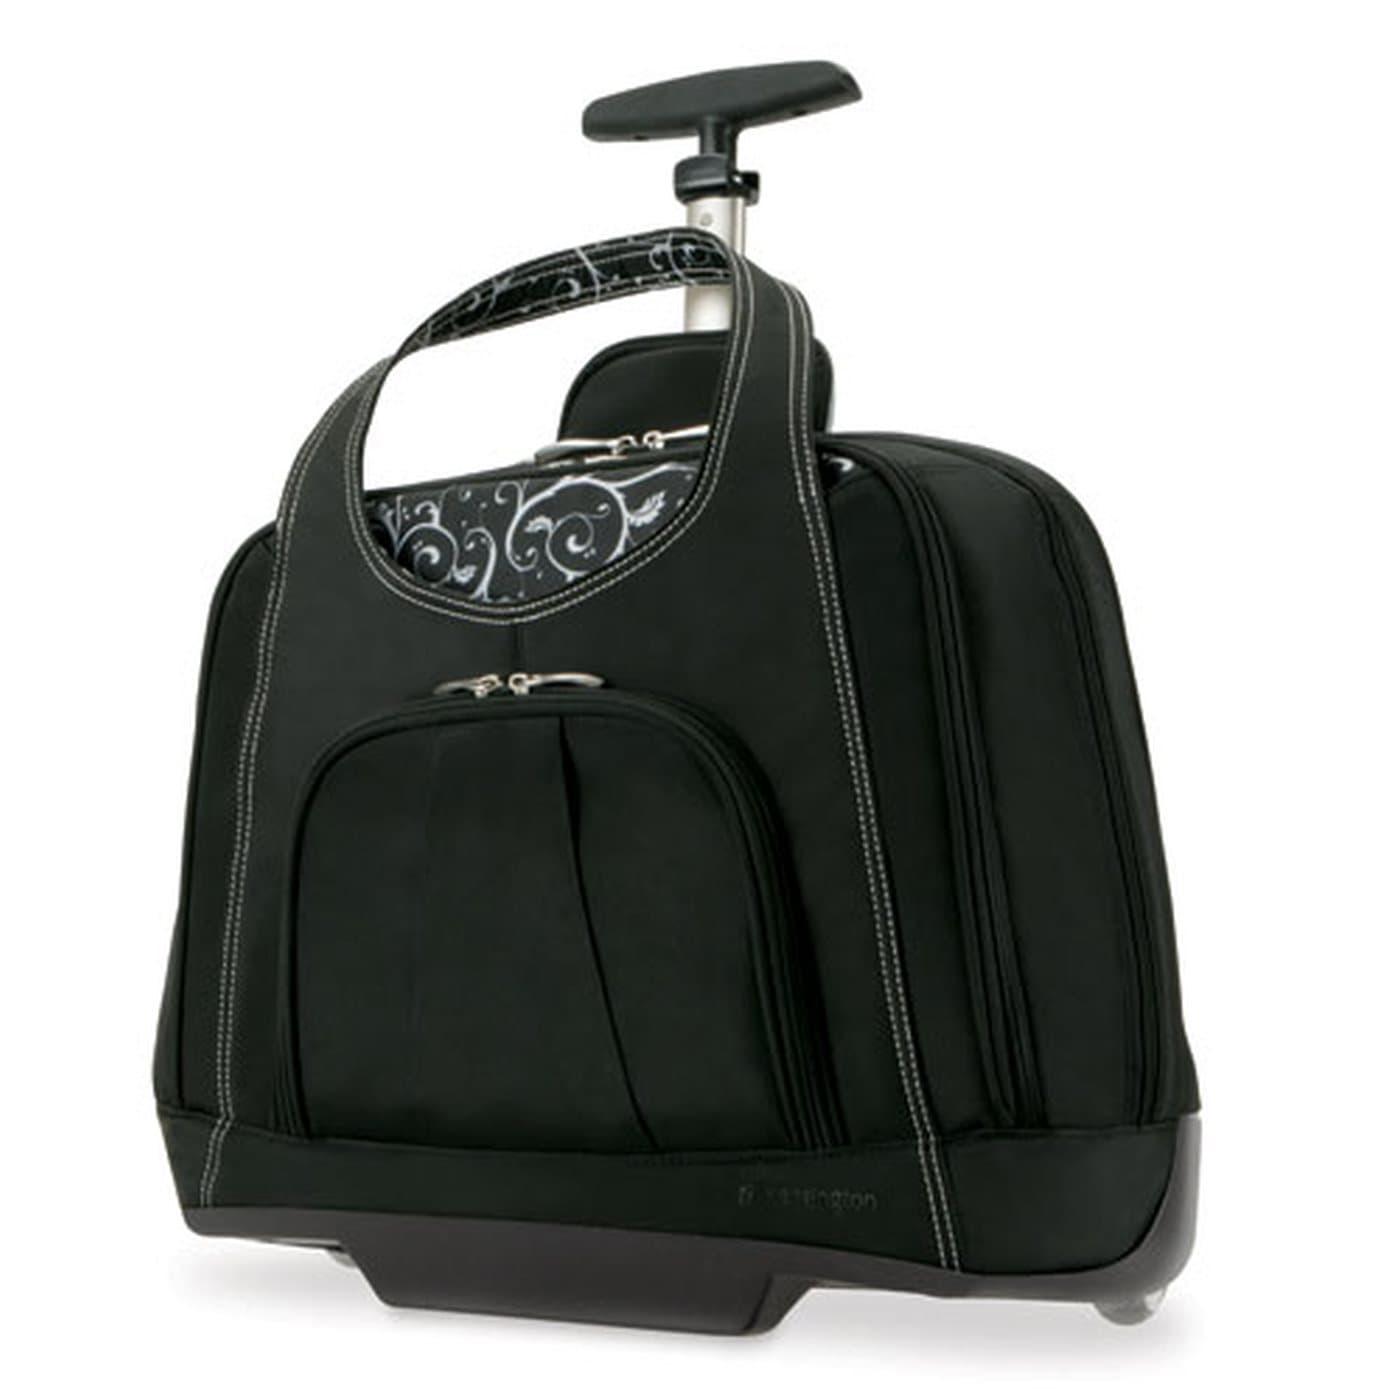 Bolsa Executiva Feminina De Rodinha : Kensington laptop maleta com rodinhas countour feminina